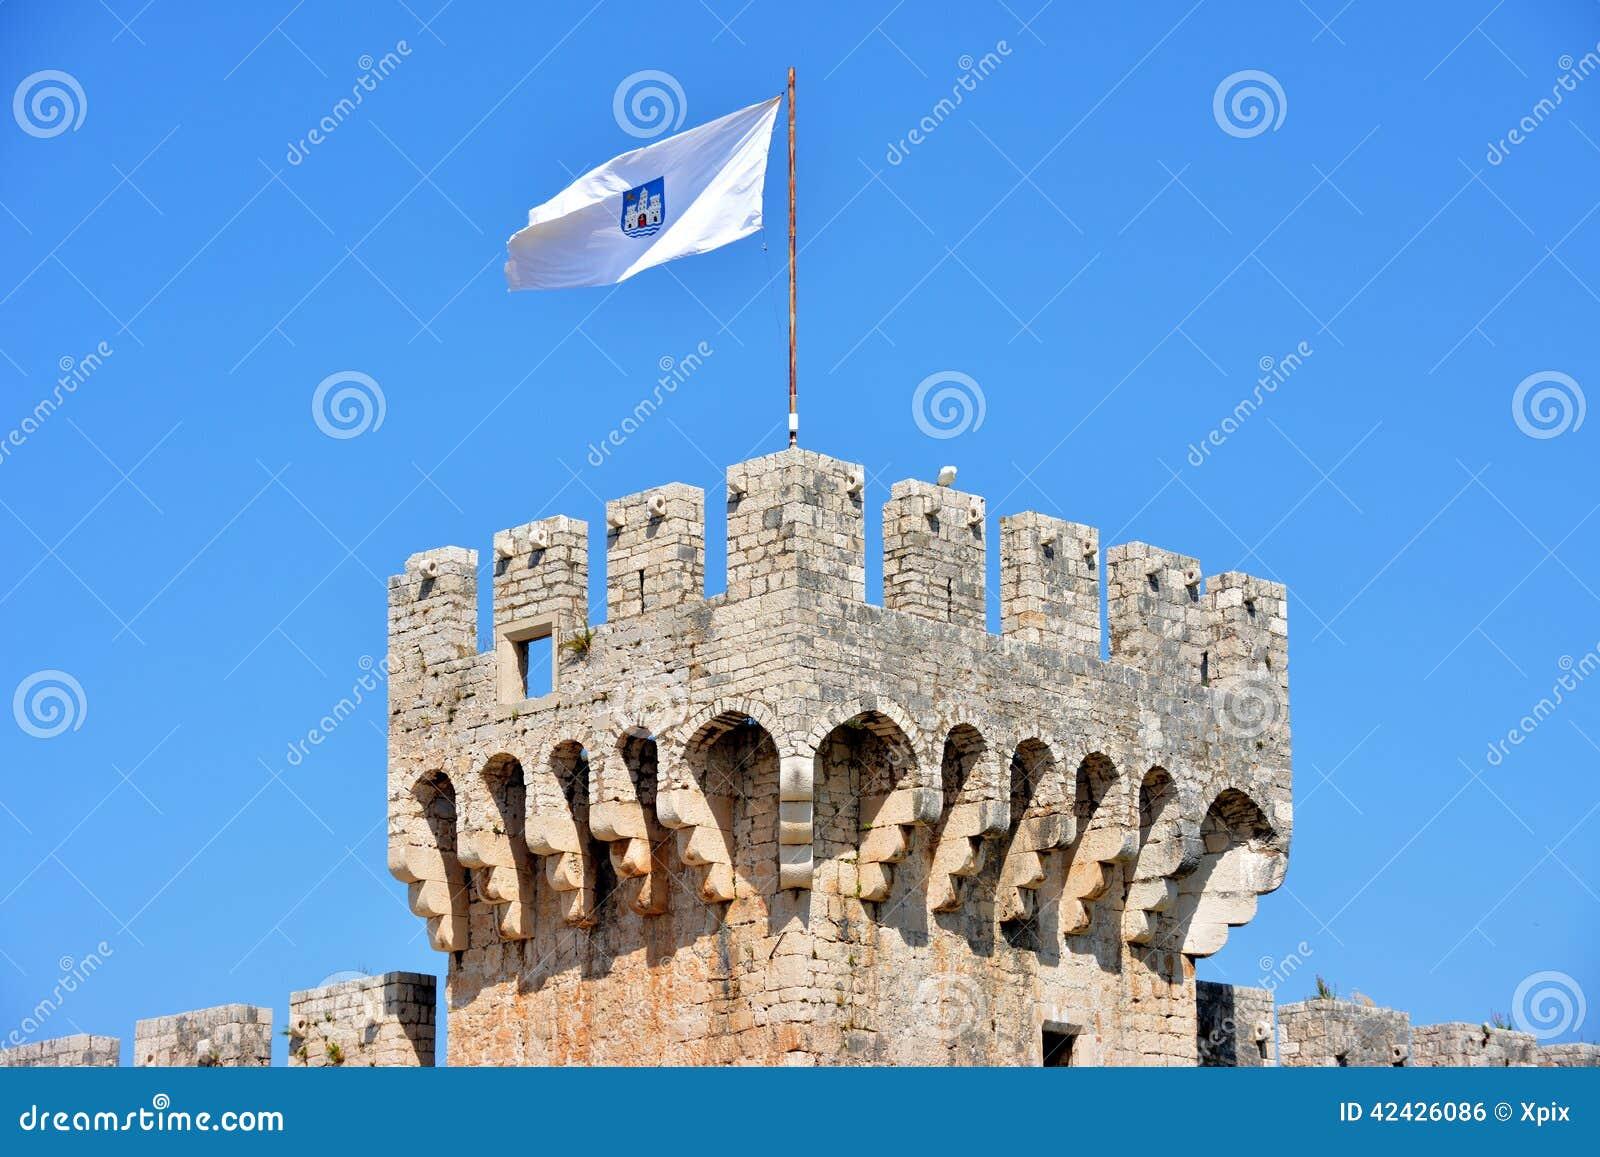 Castillo de Kamerlengo en Trogir, Croacia - detalles arquitectónicos